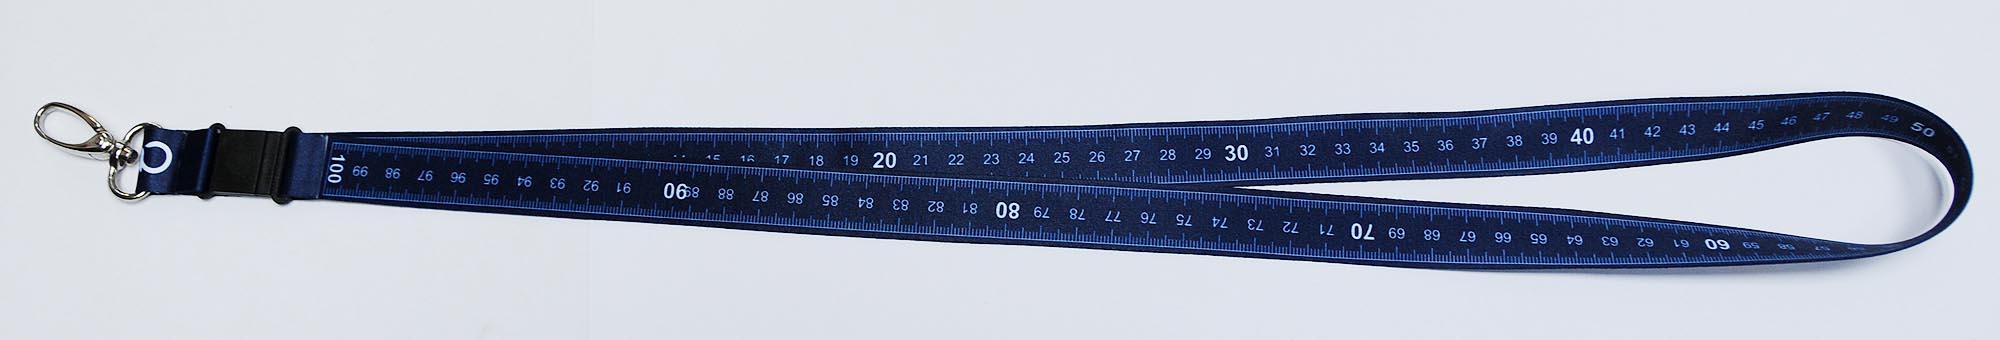 Schlüsselband mit Mehrwert - cm-Einteilung auf der Rückseite – ganz genau 1 Meter. Somit immer ein Maßband zur Hand.